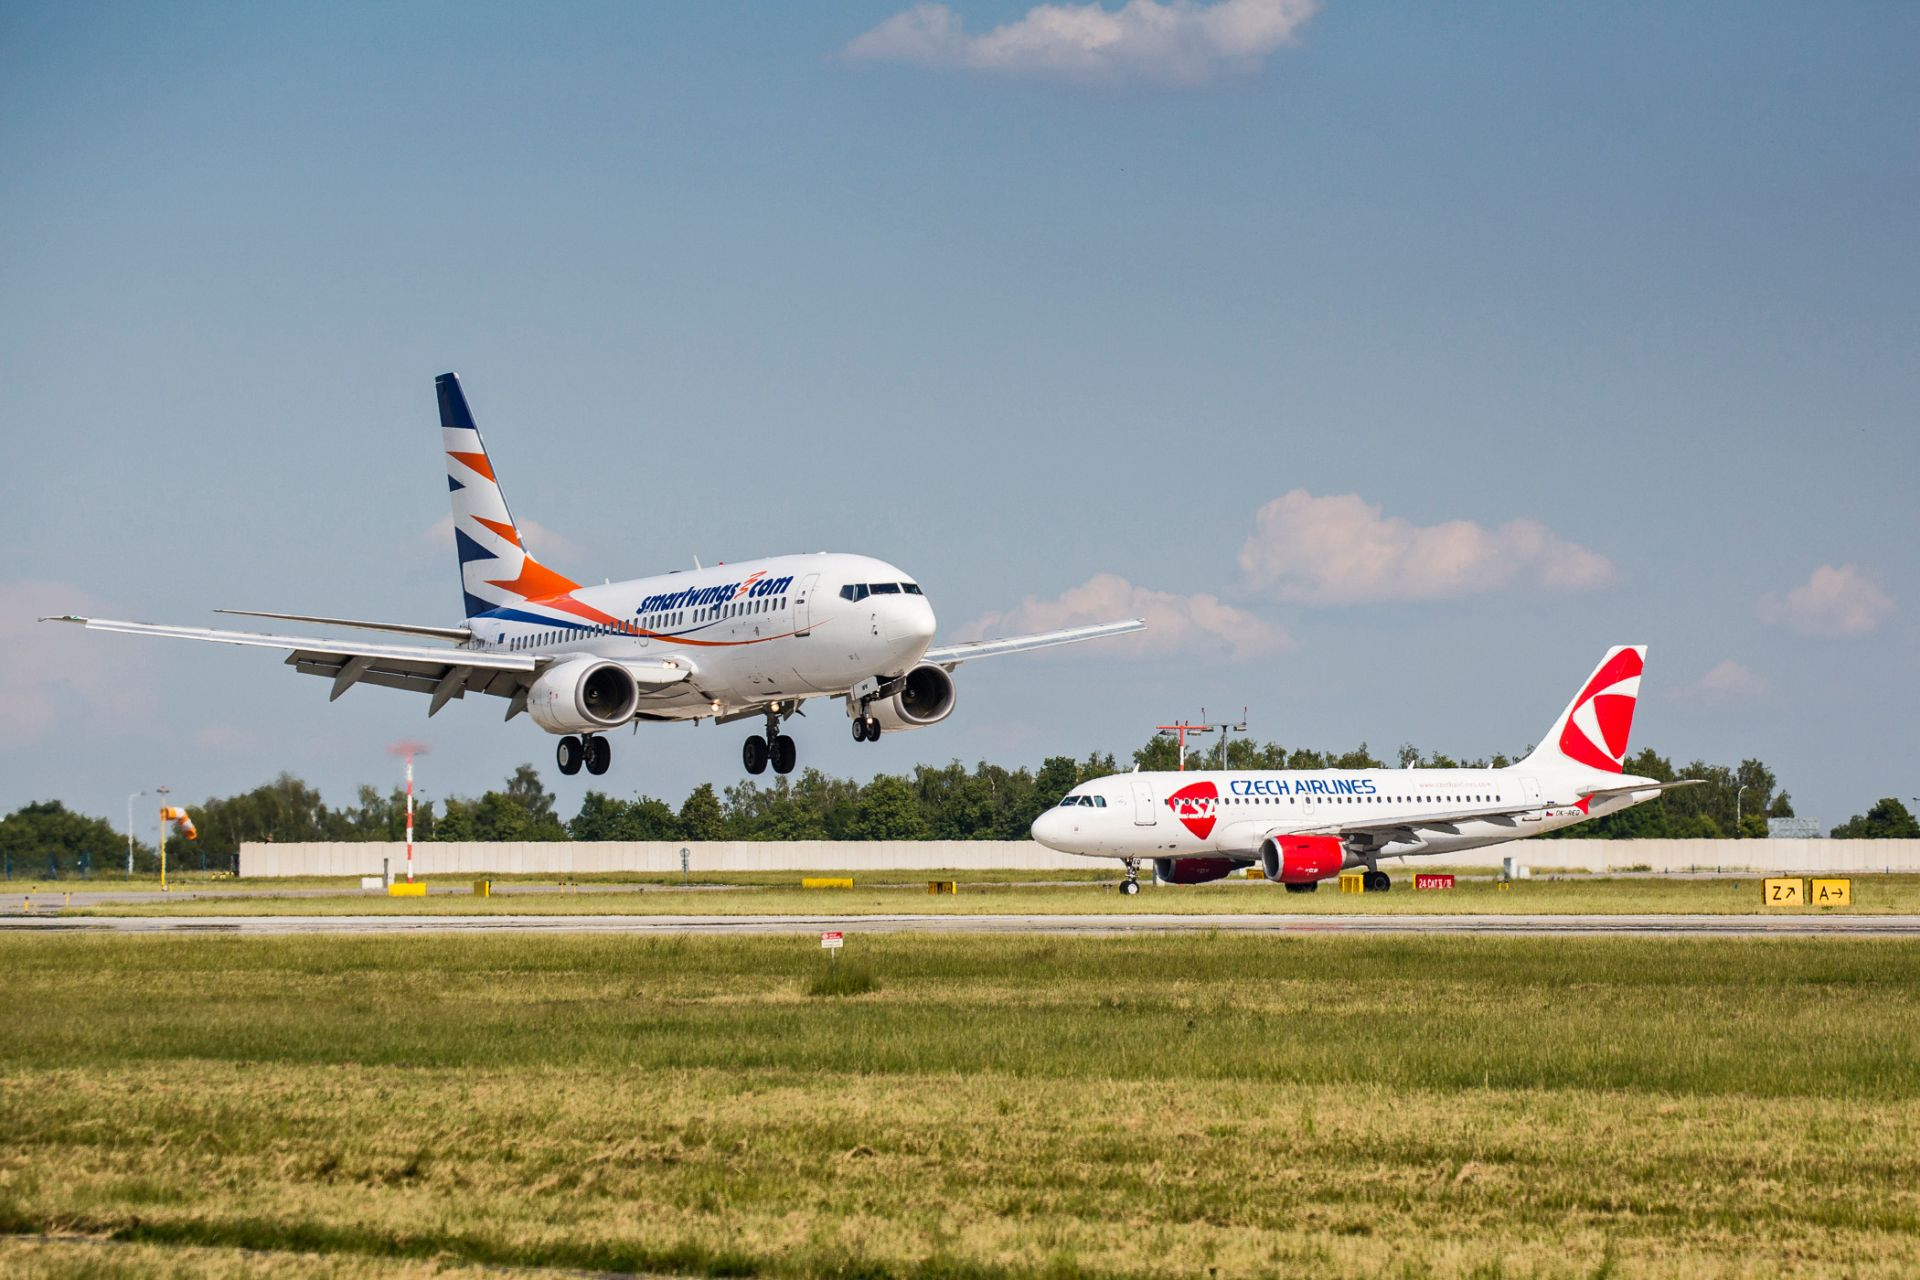 Boeing 737-700 společnosti Smartwings a Airbus A319 ČSA. Foto: Letiště Praha